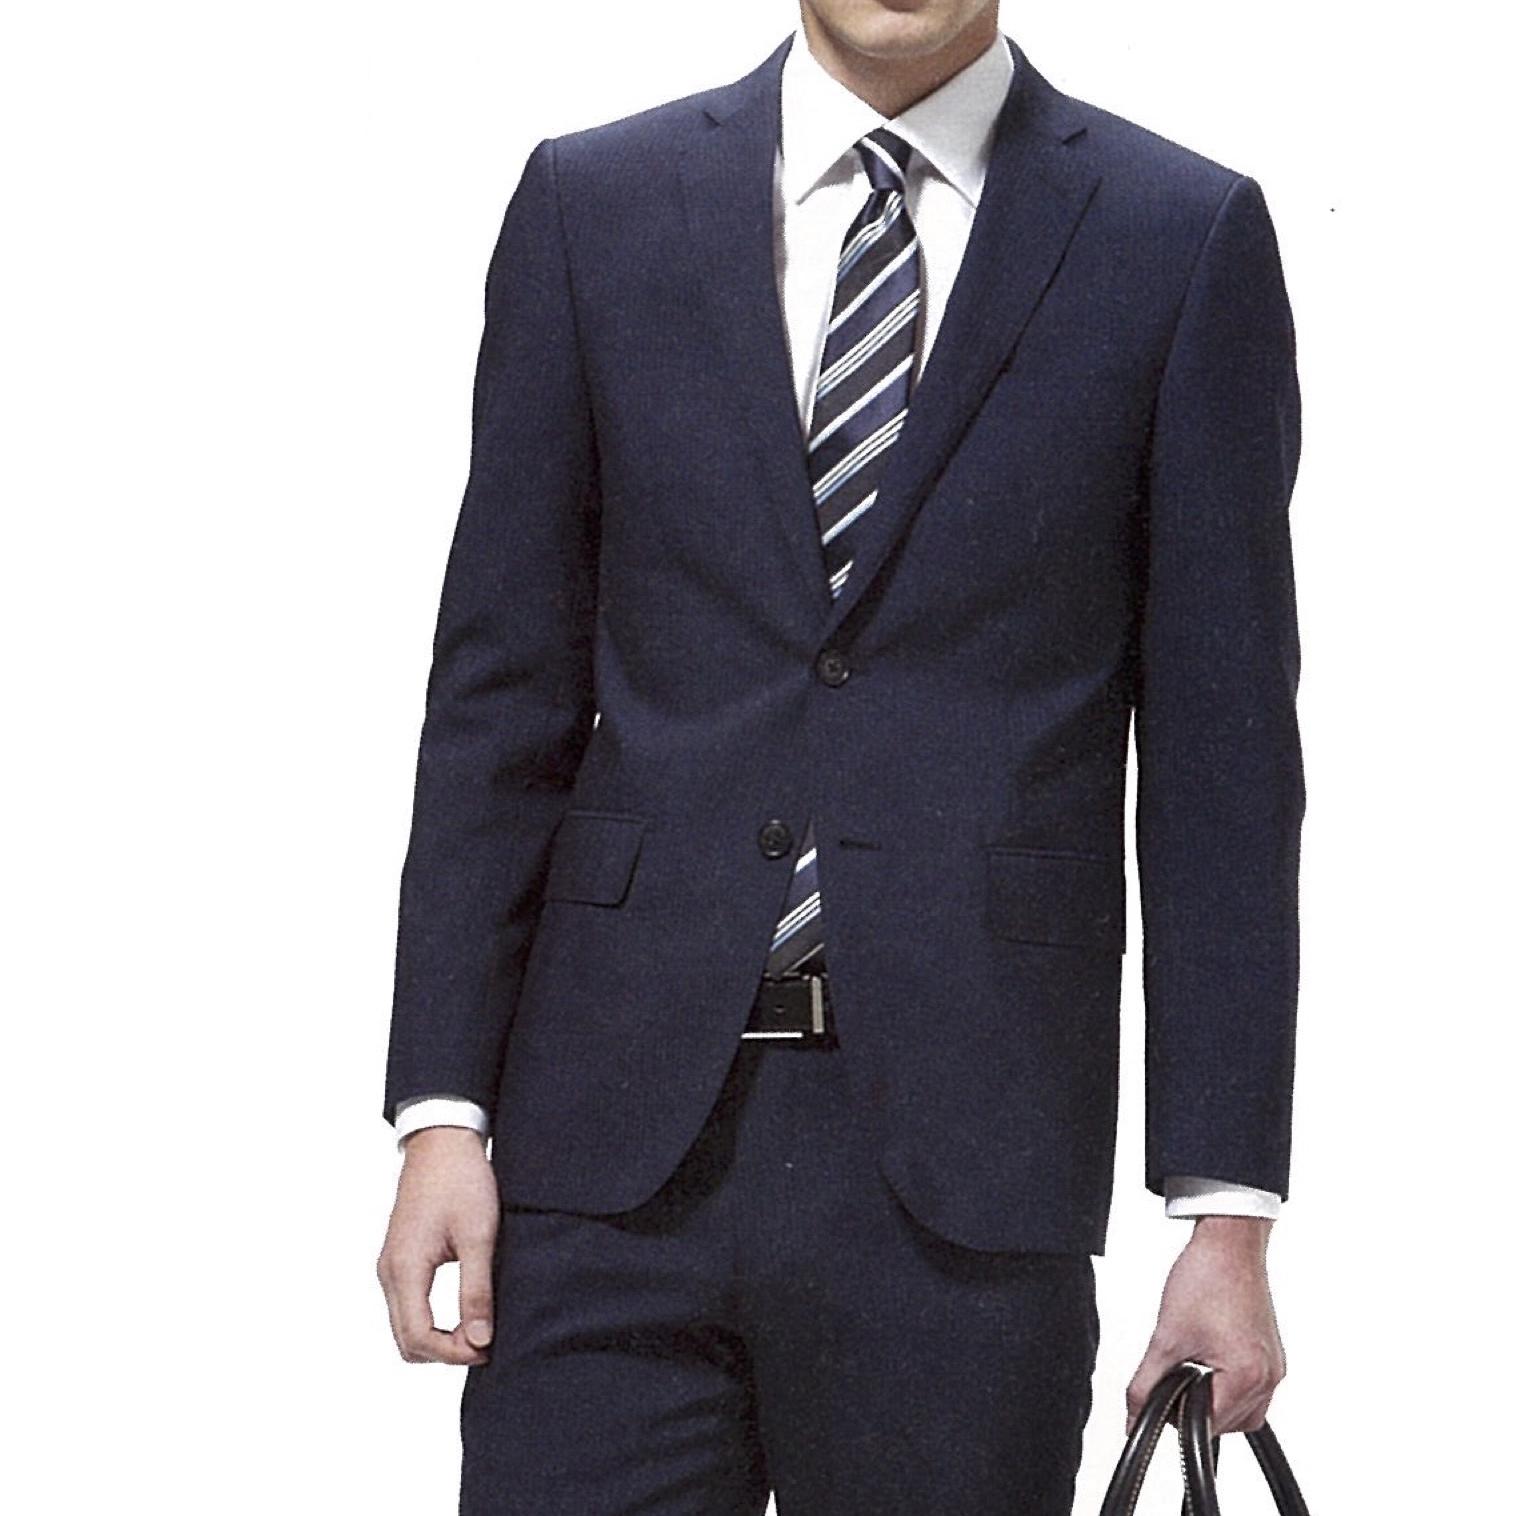 成人式と就活、スーツはどこが違う?【はじめてのスーツ選び(1)】